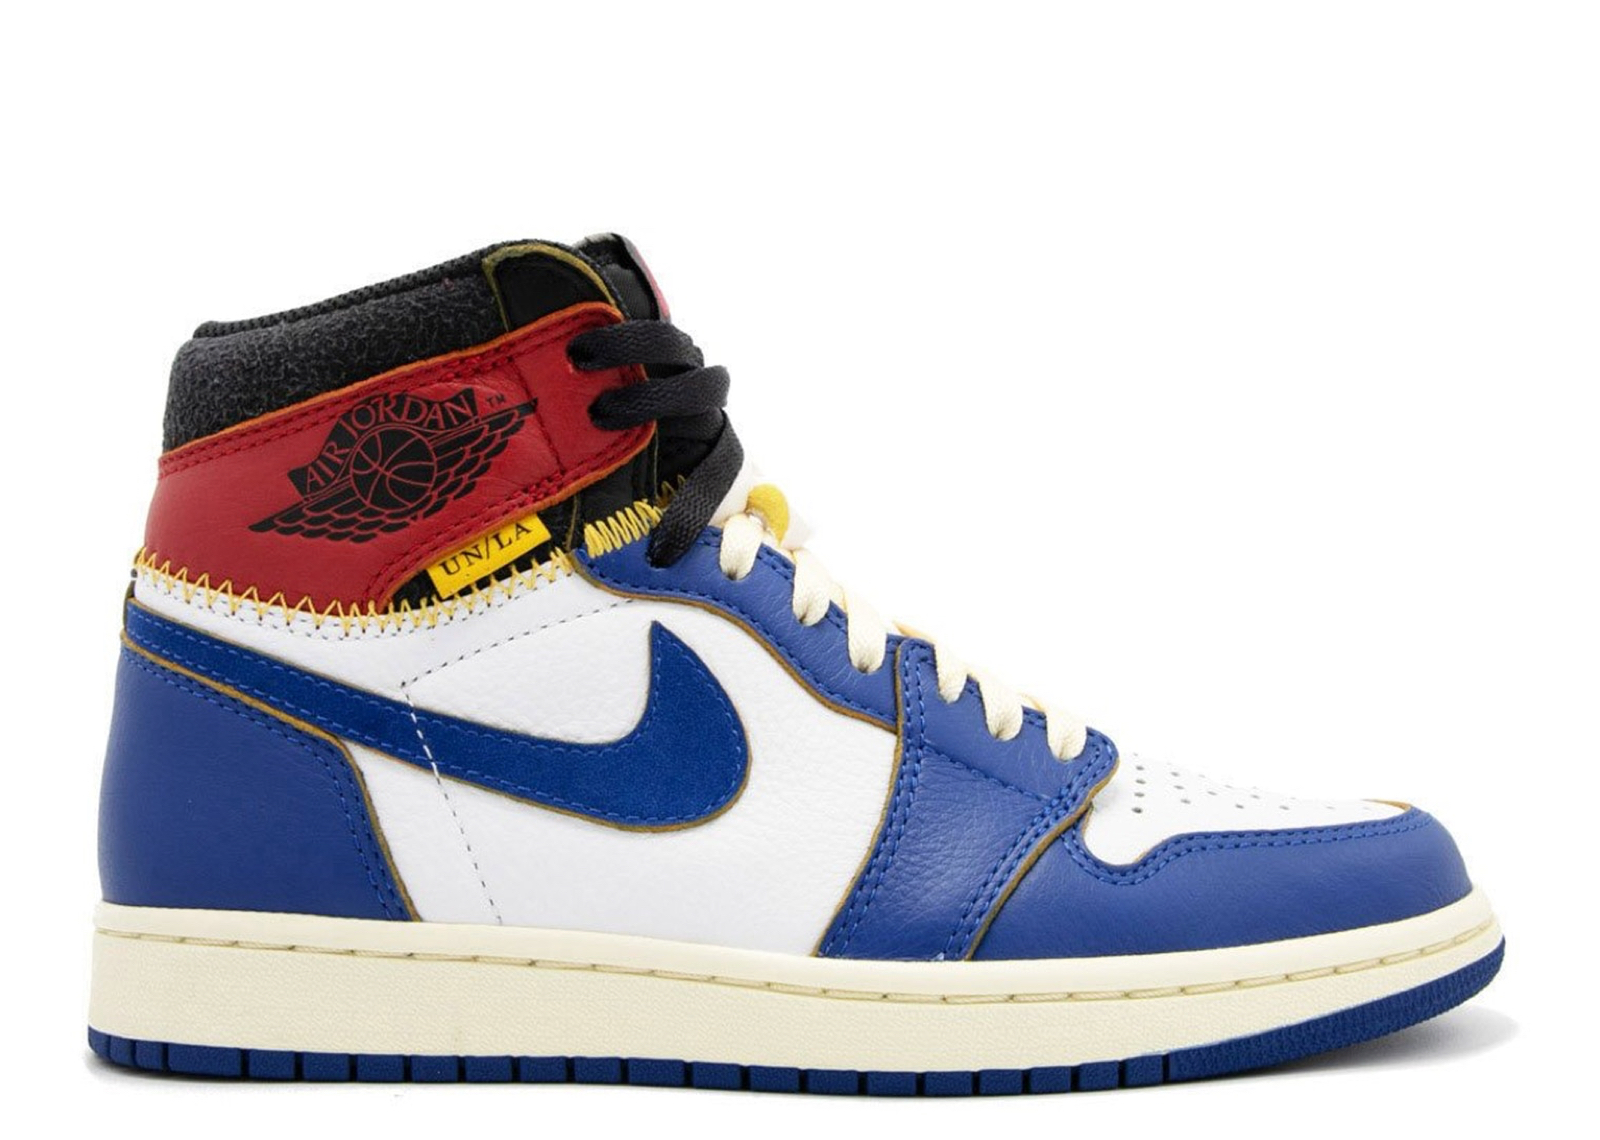 on sale 59dad d3d95 Kick Avenue - Authentic Sneakers